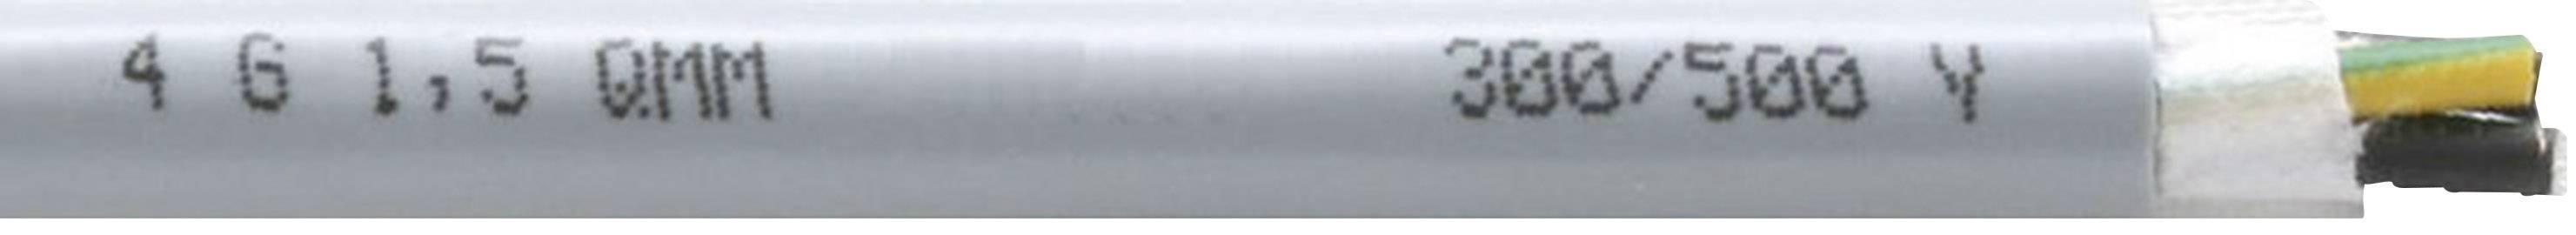 Tažný kabel Faber Kabel EFK 310 Y 310 UL/CSA-SCHLEPPLTG.PVC/PVC (035423), 2x 0,5 mm², PVC, Ø 6 mm, nestíněný,